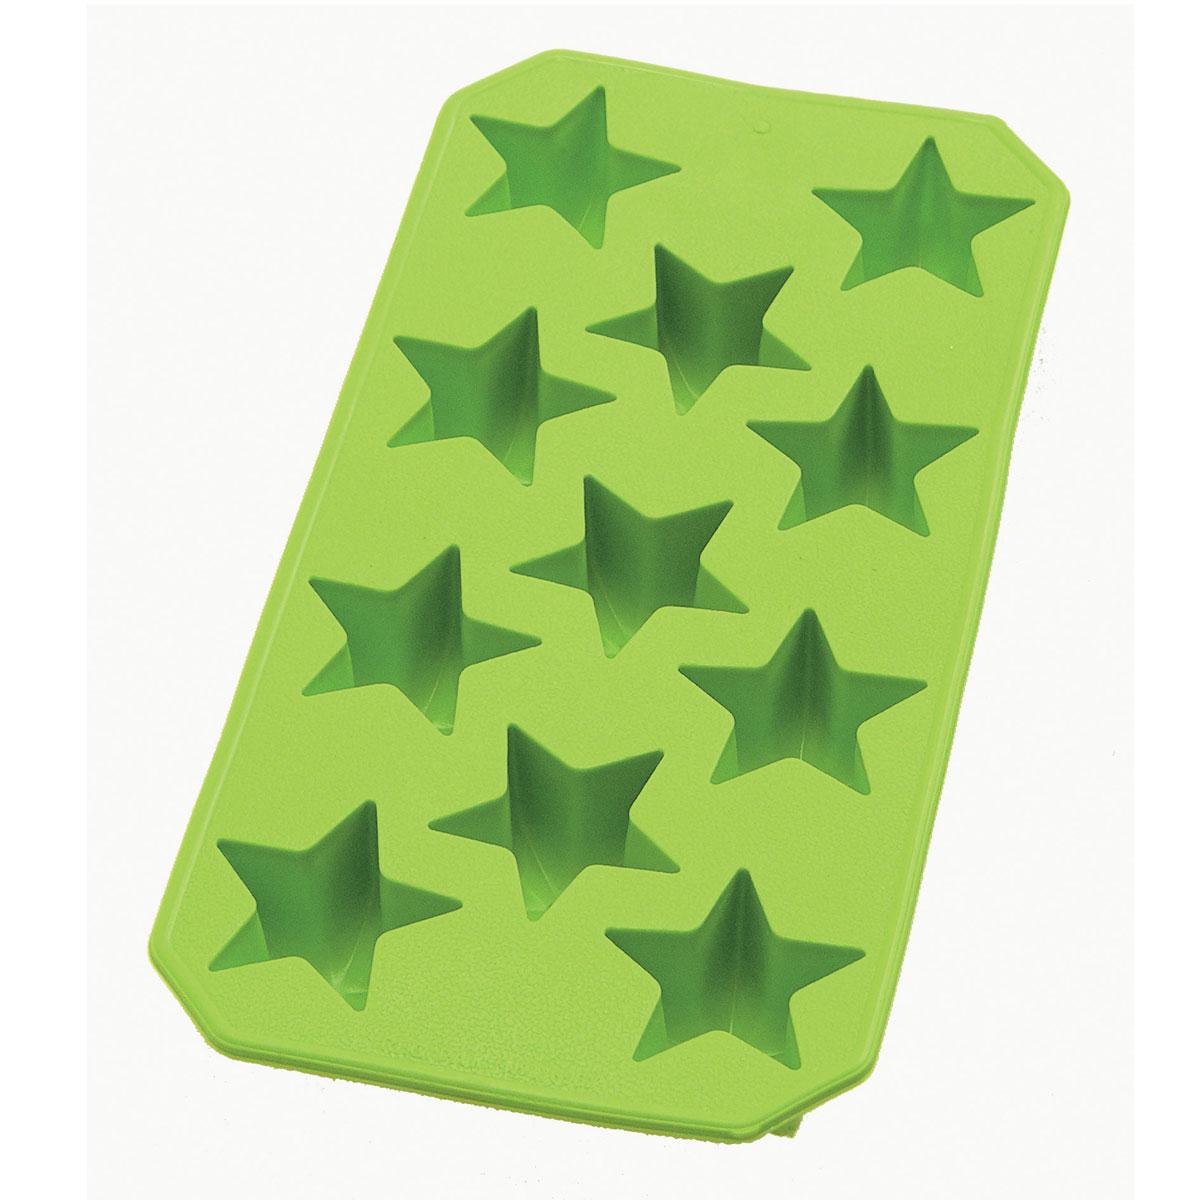 Форма для льда Lekue Звезды, цвет: зеленый, 11 ячеек0851400V02C049Форма для льда Lekue Звезды выполнена из силикона зеленого цвета. На одном листе расположено 11 формочек в виде звезд. Благодаря тому, что формочки изготовлены из силикона, готовый лед вынимать легко и просто. Чтобы достать льдинки, эту форму не нужно держать под теплой водой или использовать нож. Теперь на смену традиционным квадратным пришли новые оригинальные формы для приготовления фигурного льда, которыми можно не только охладить, но и украсить любой напиток. В формочки при заморозке воды можно помещать ягодки, такие льдинки не только оживят коктейль, но и добавят радостного настроения гостям на празднике!